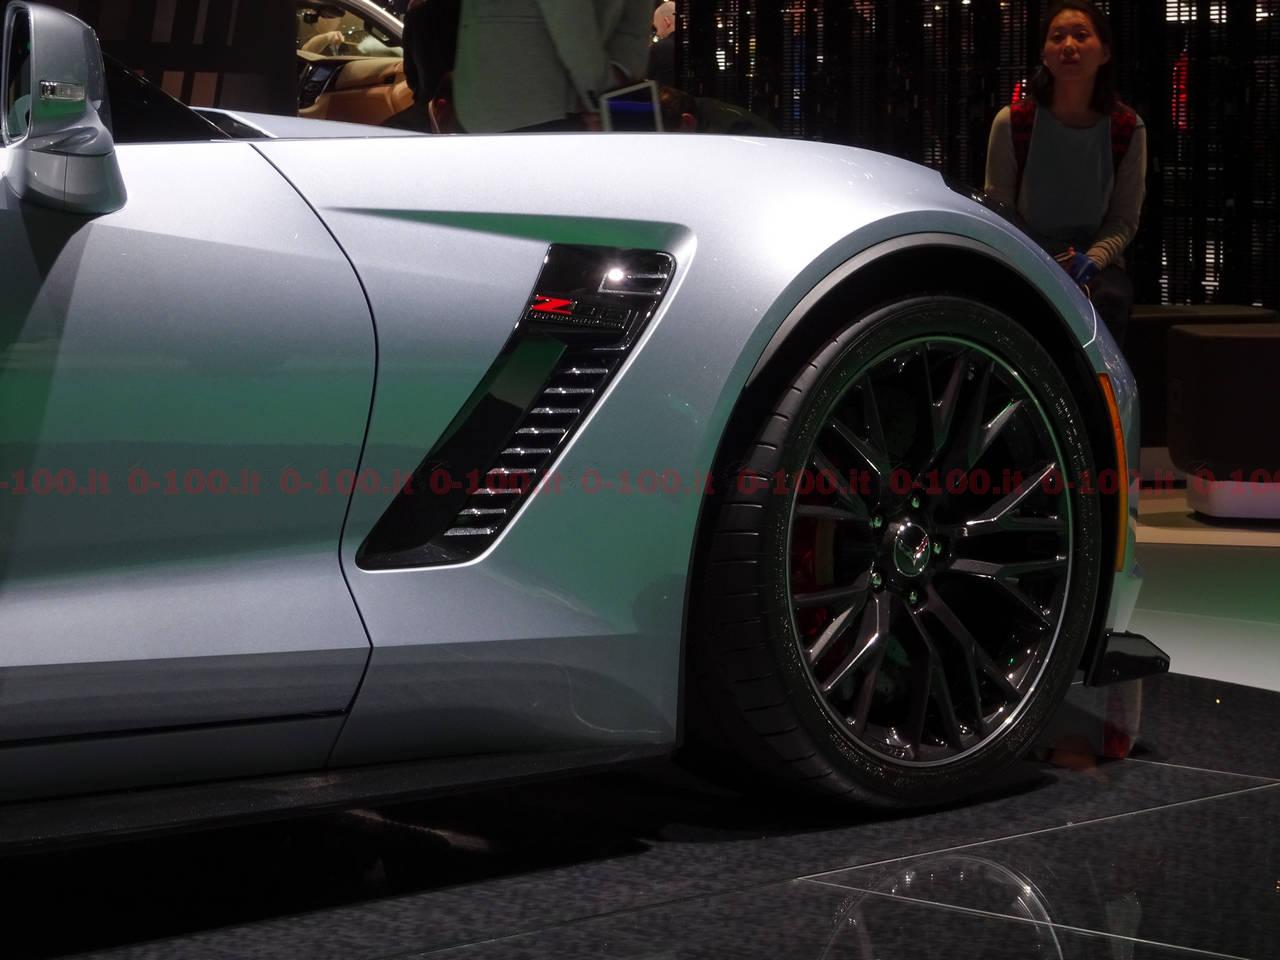 Ginevra-geneva-geneve-2017-Chevrolet-corvette-z06-0-100_6